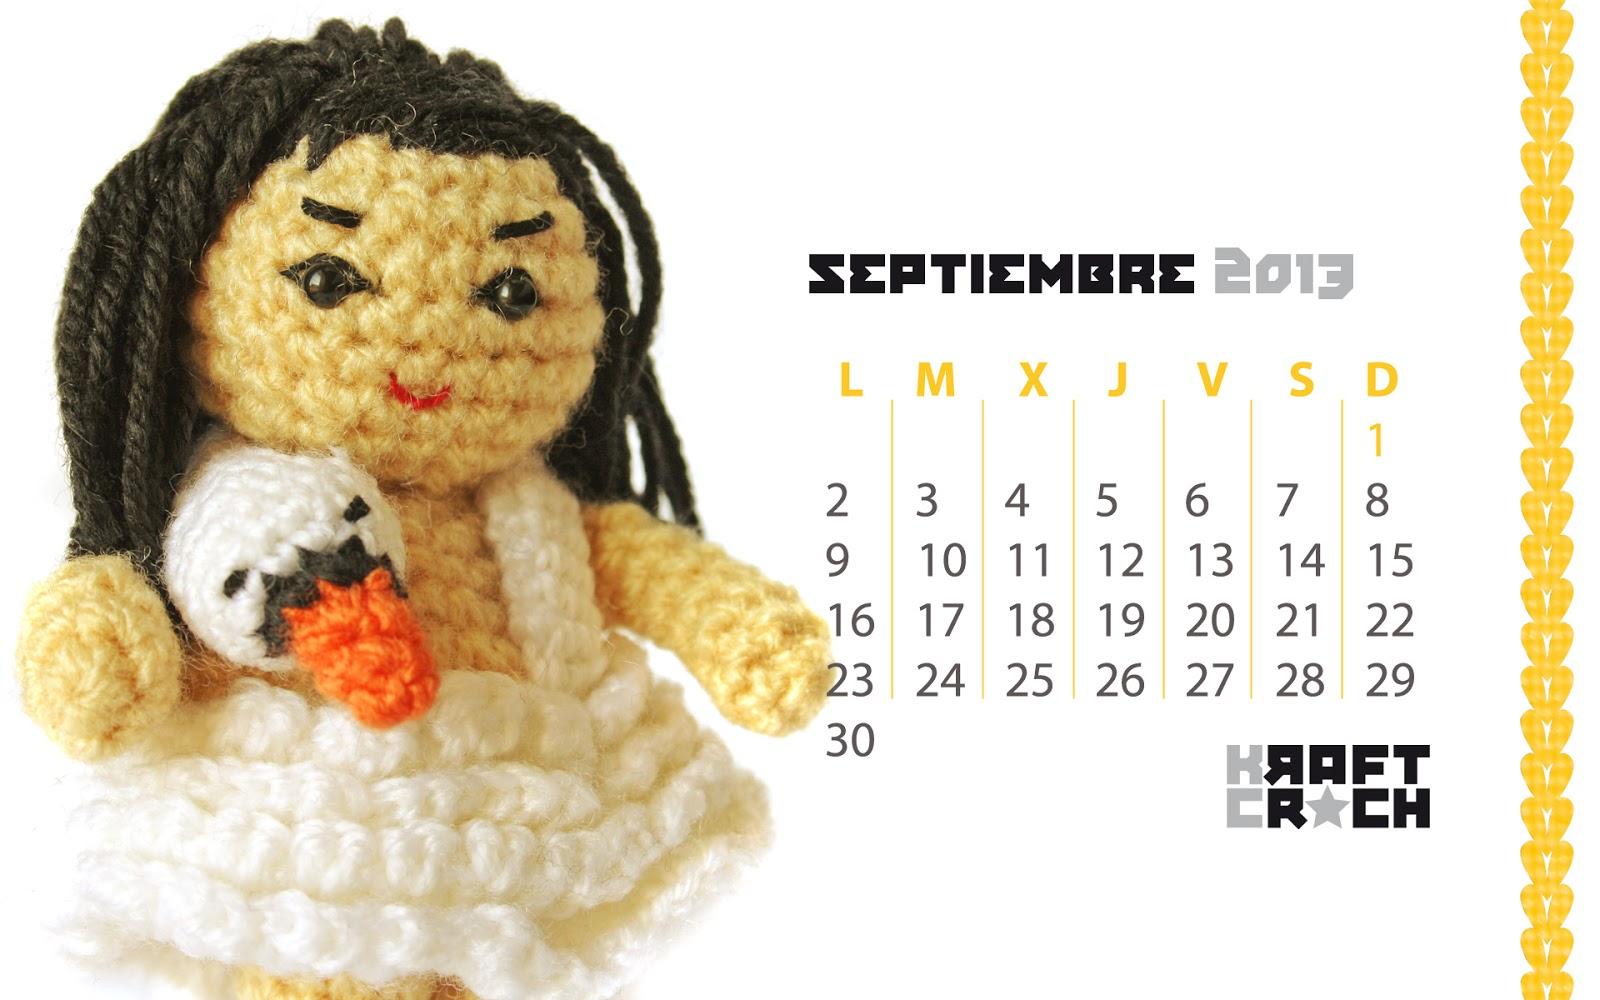 Fondos de Pc Calendarios de Amigurimis